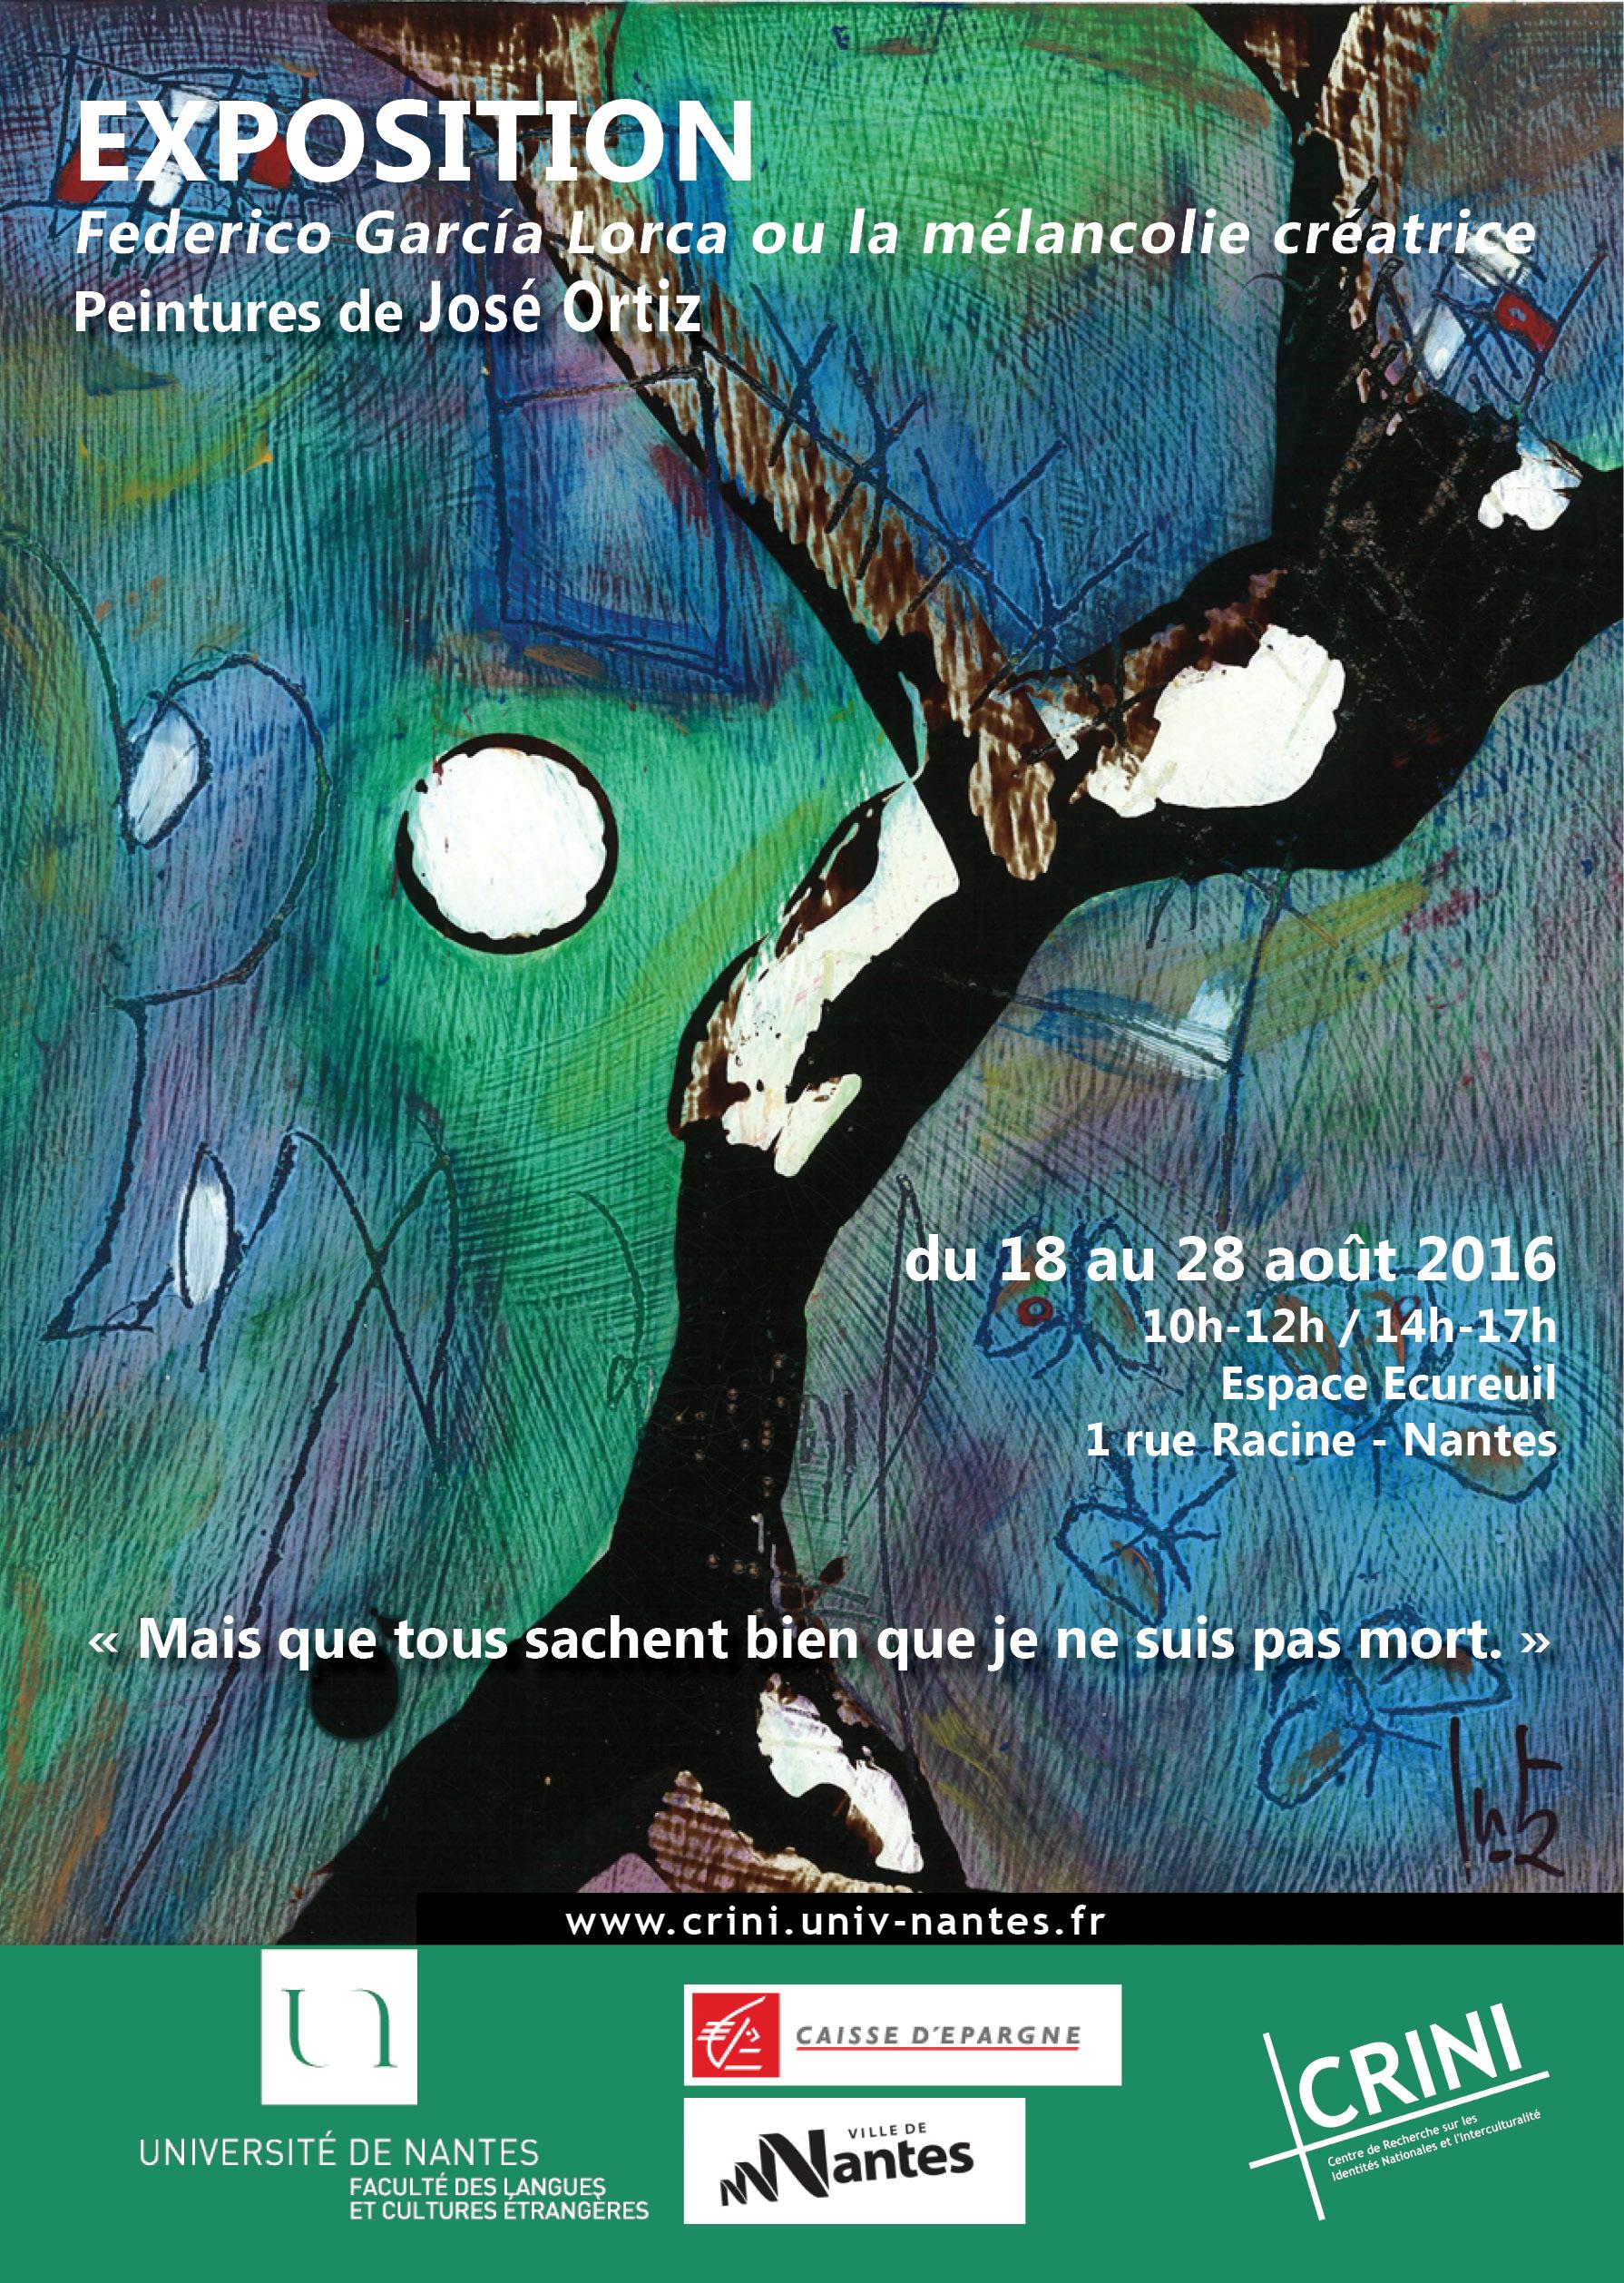 Affiche exposition Espace Ecureuil